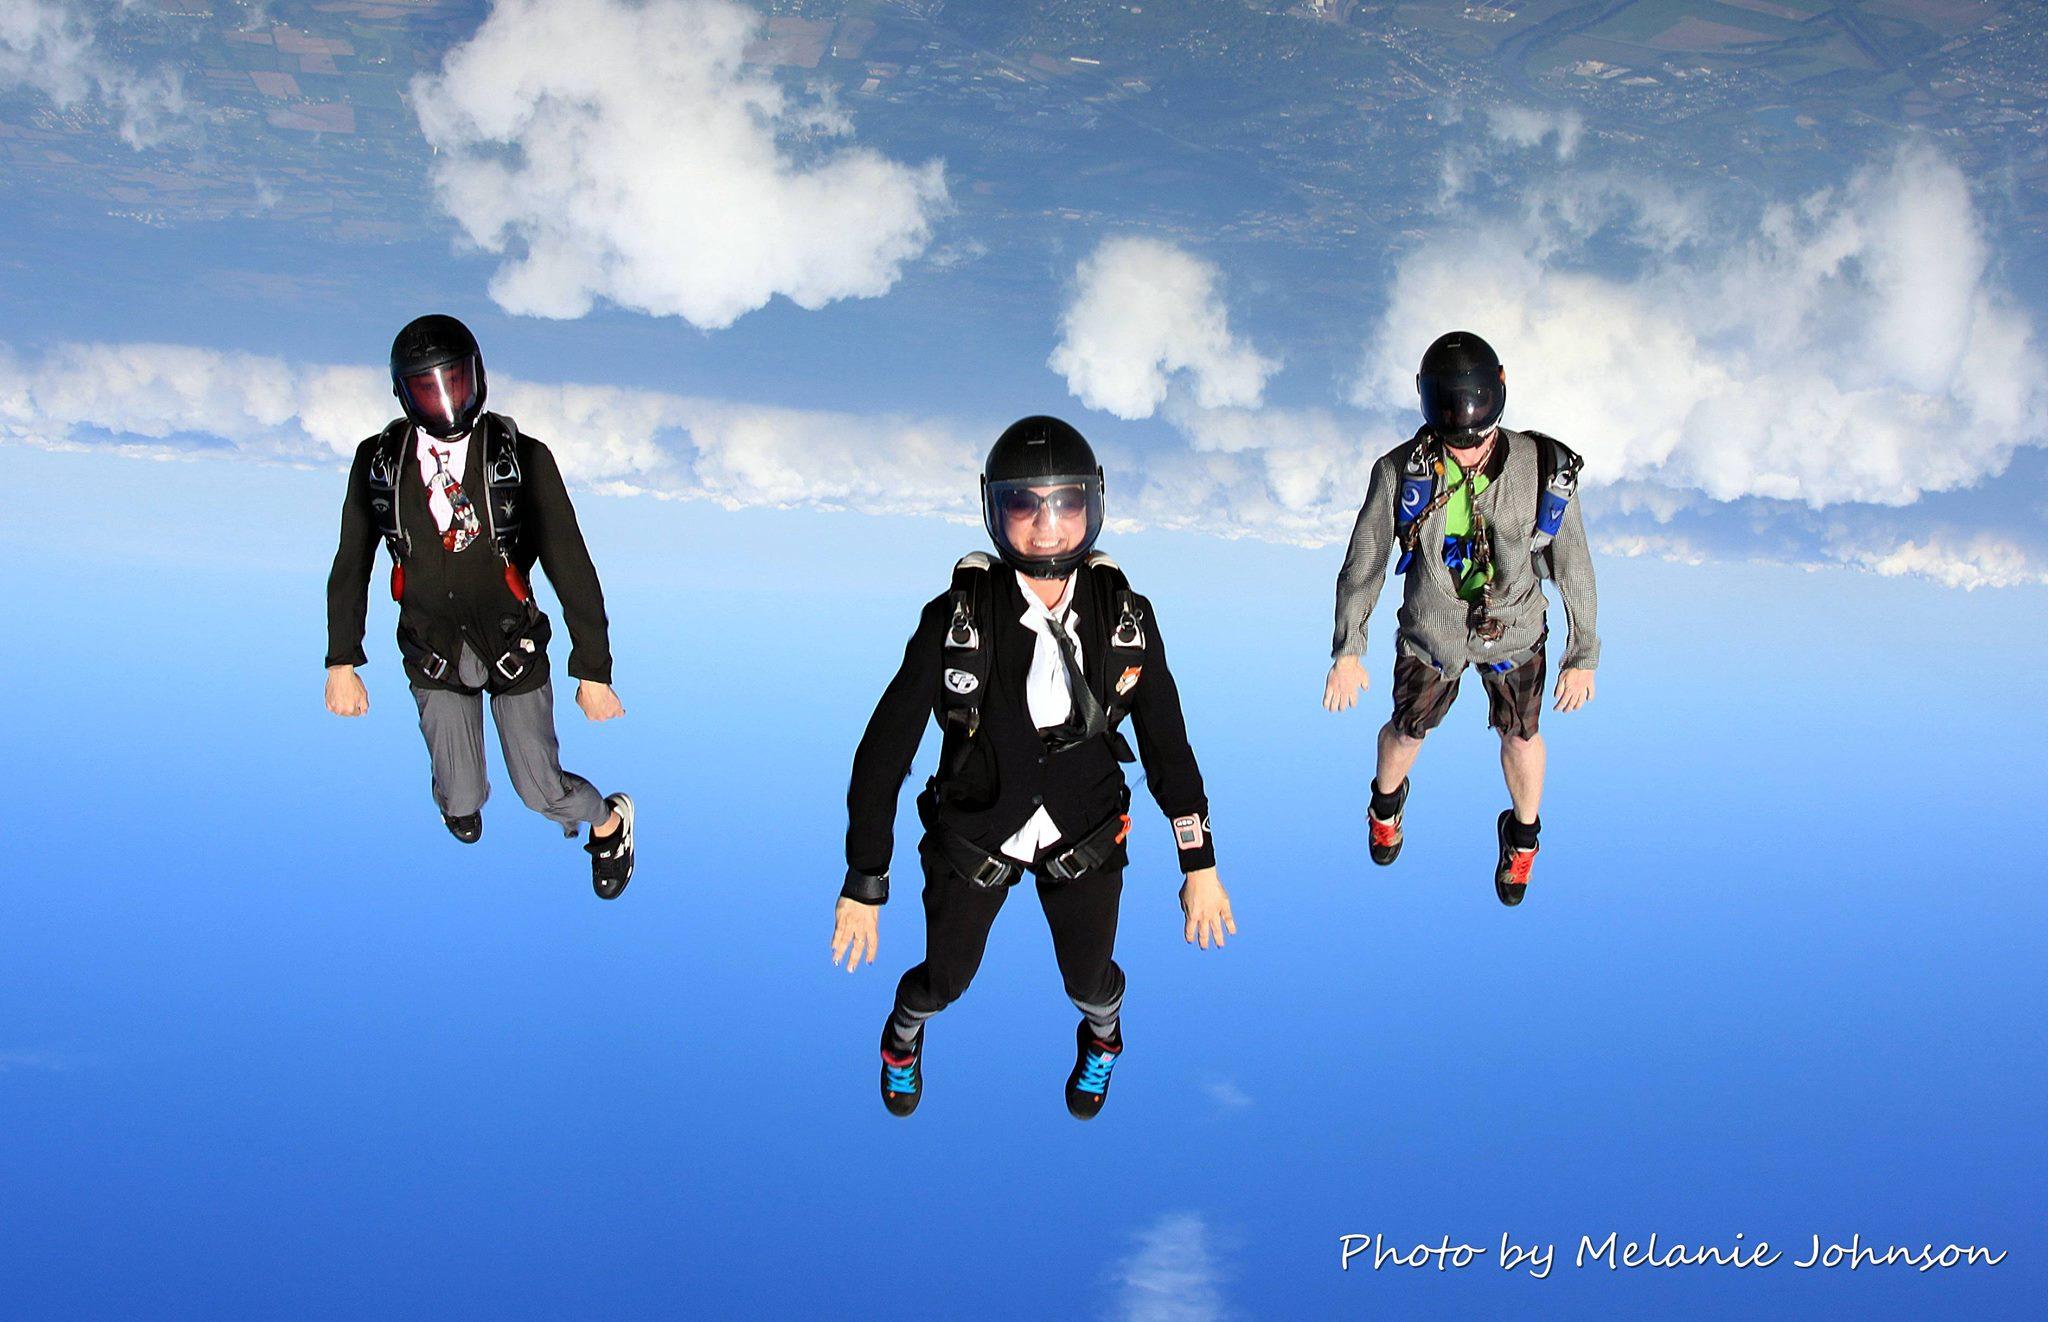 Start Skydiving 08 19 2013 Start Skydiving